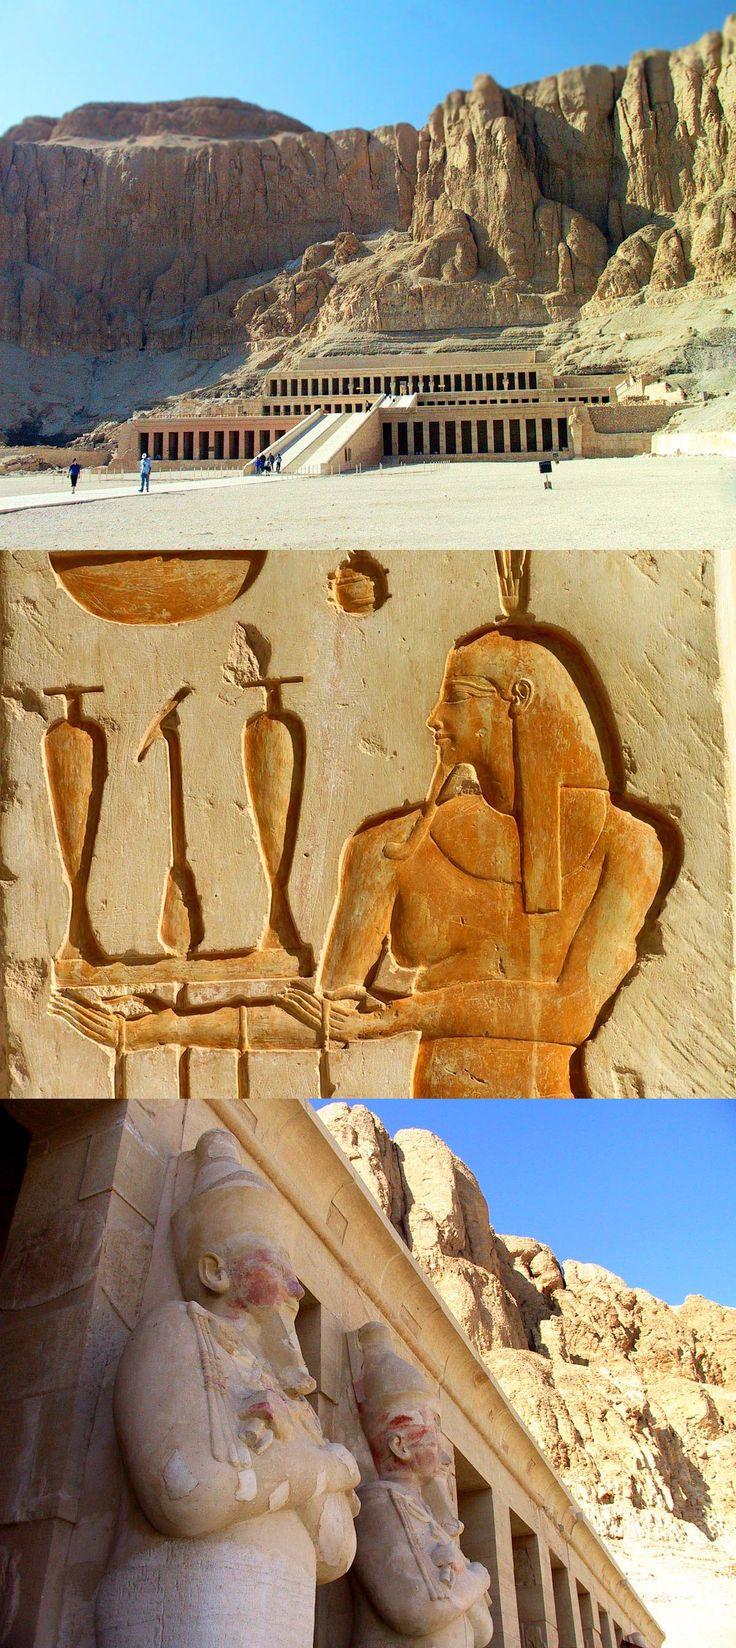 The Temple of Hatshepsut, Egypt